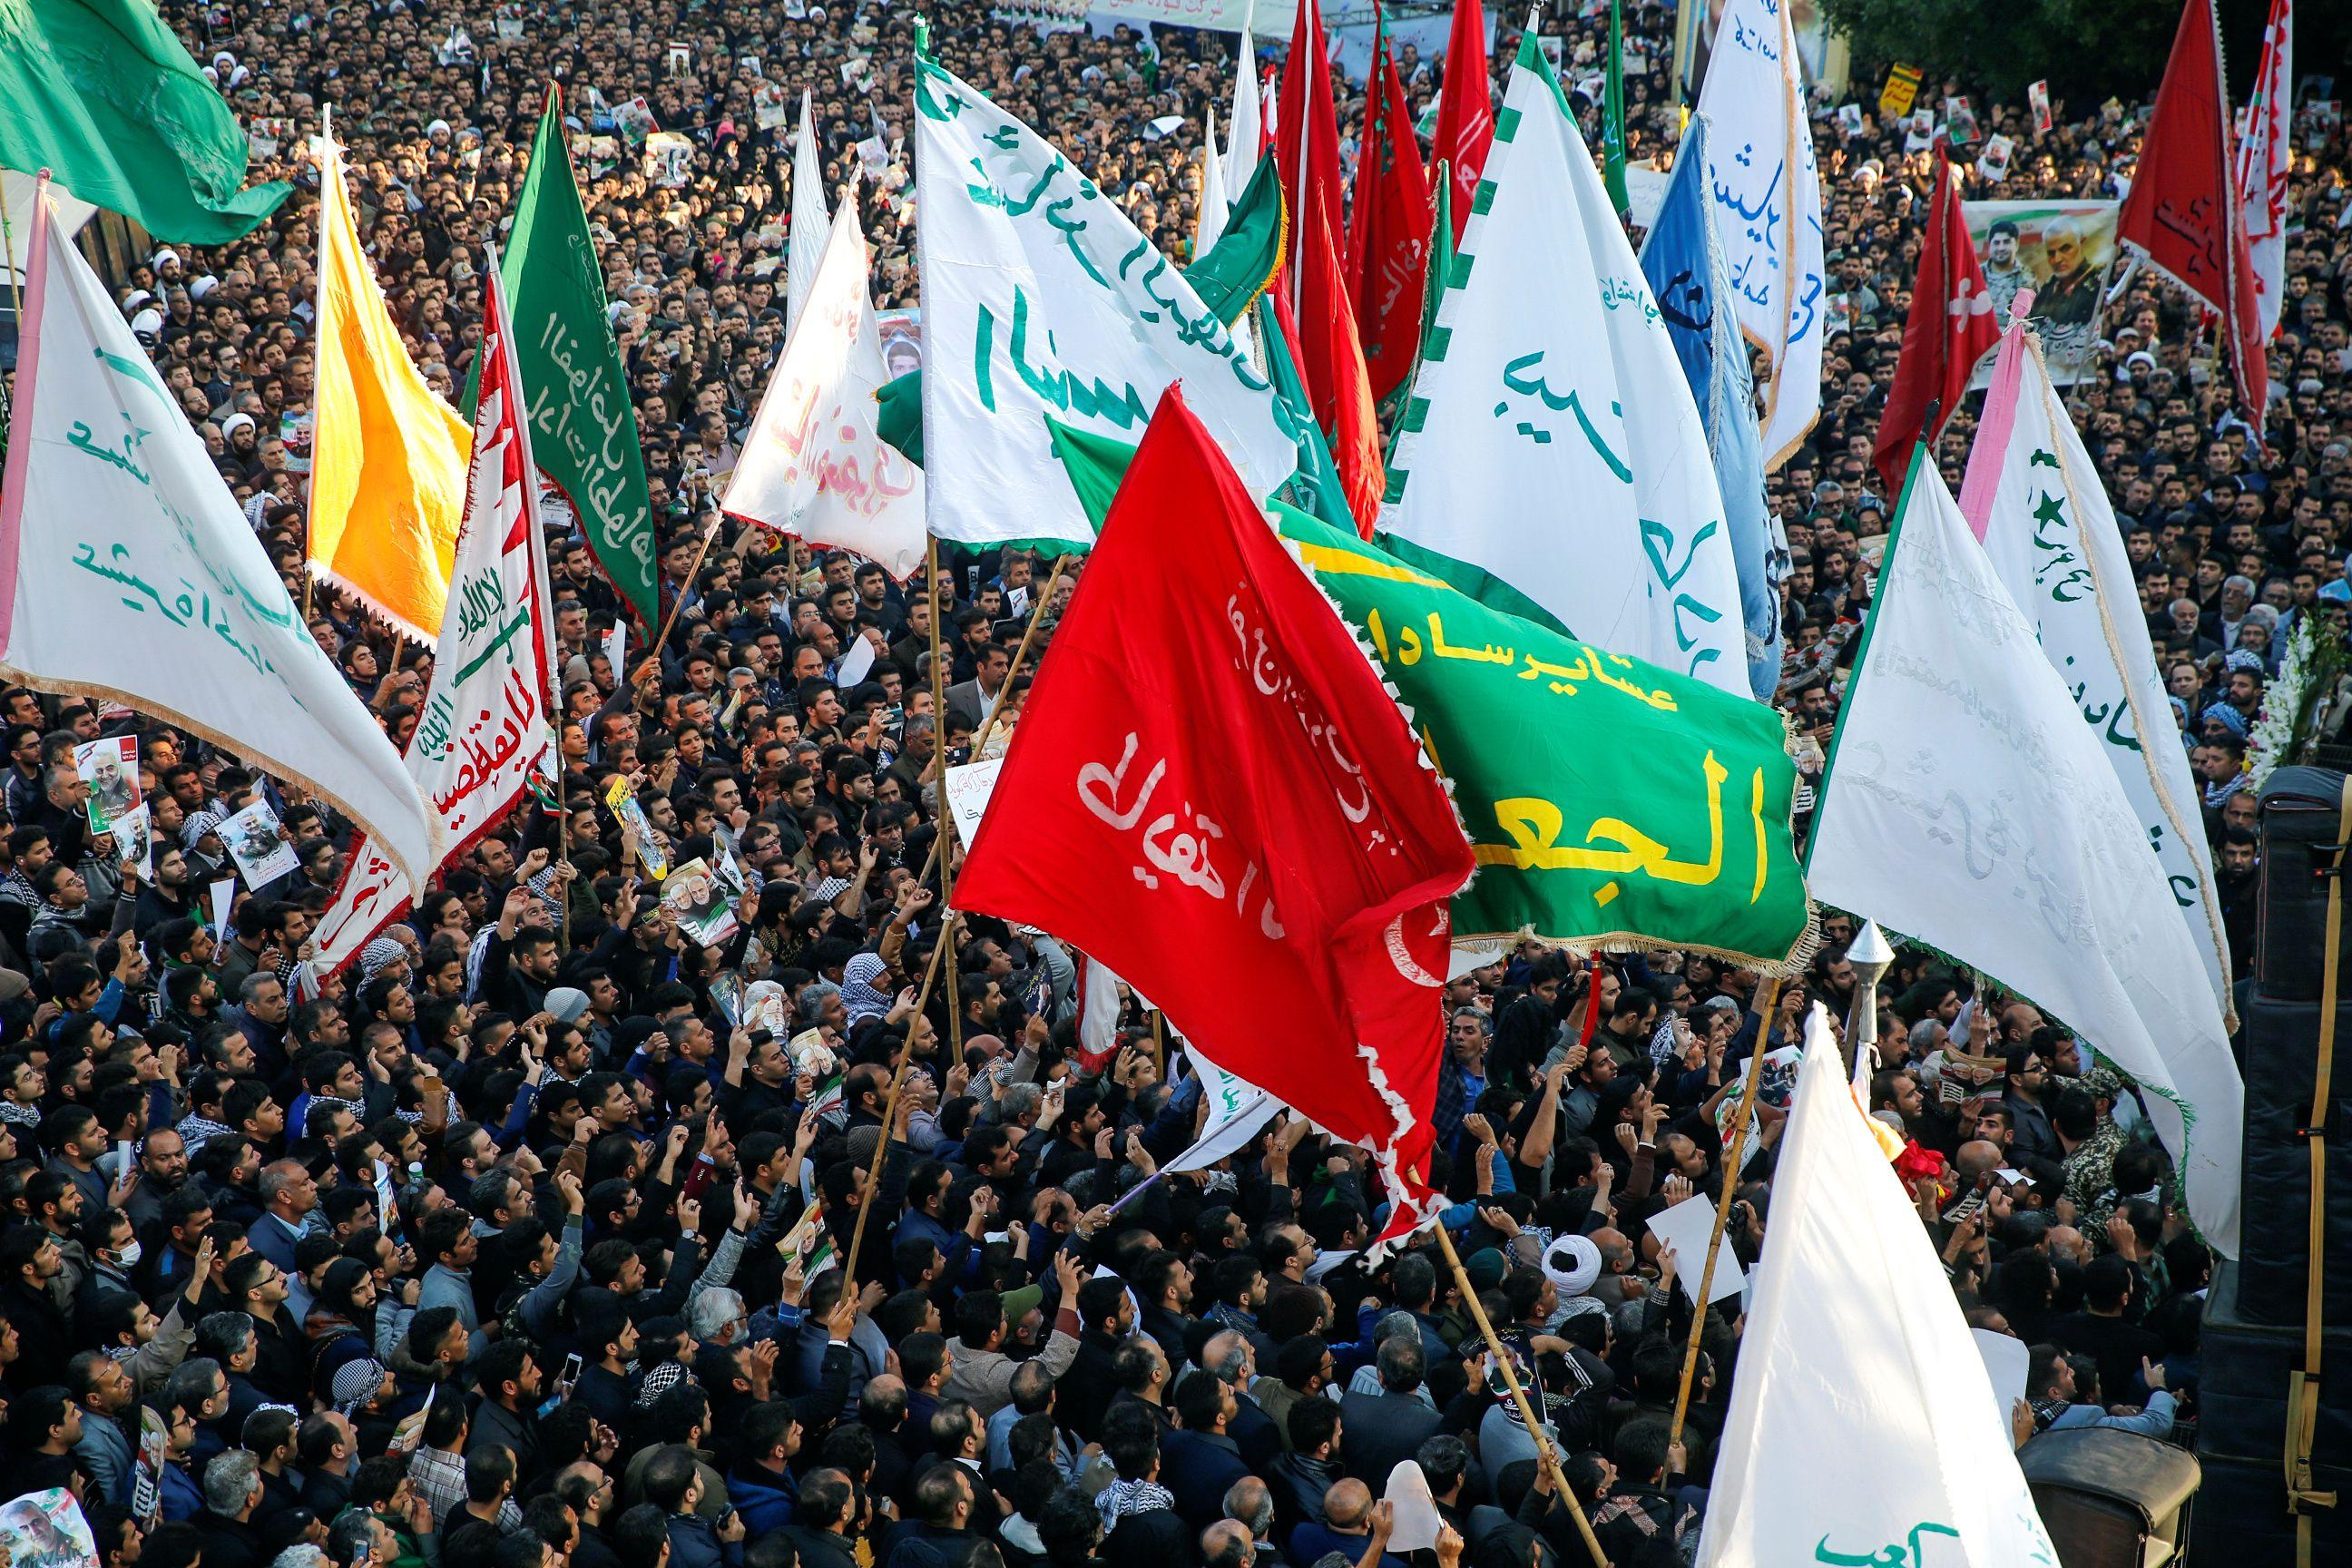 Ιράν: Προειδοποιεί για ολοκληρωτικό πόλεμο η Τεχεράνη!